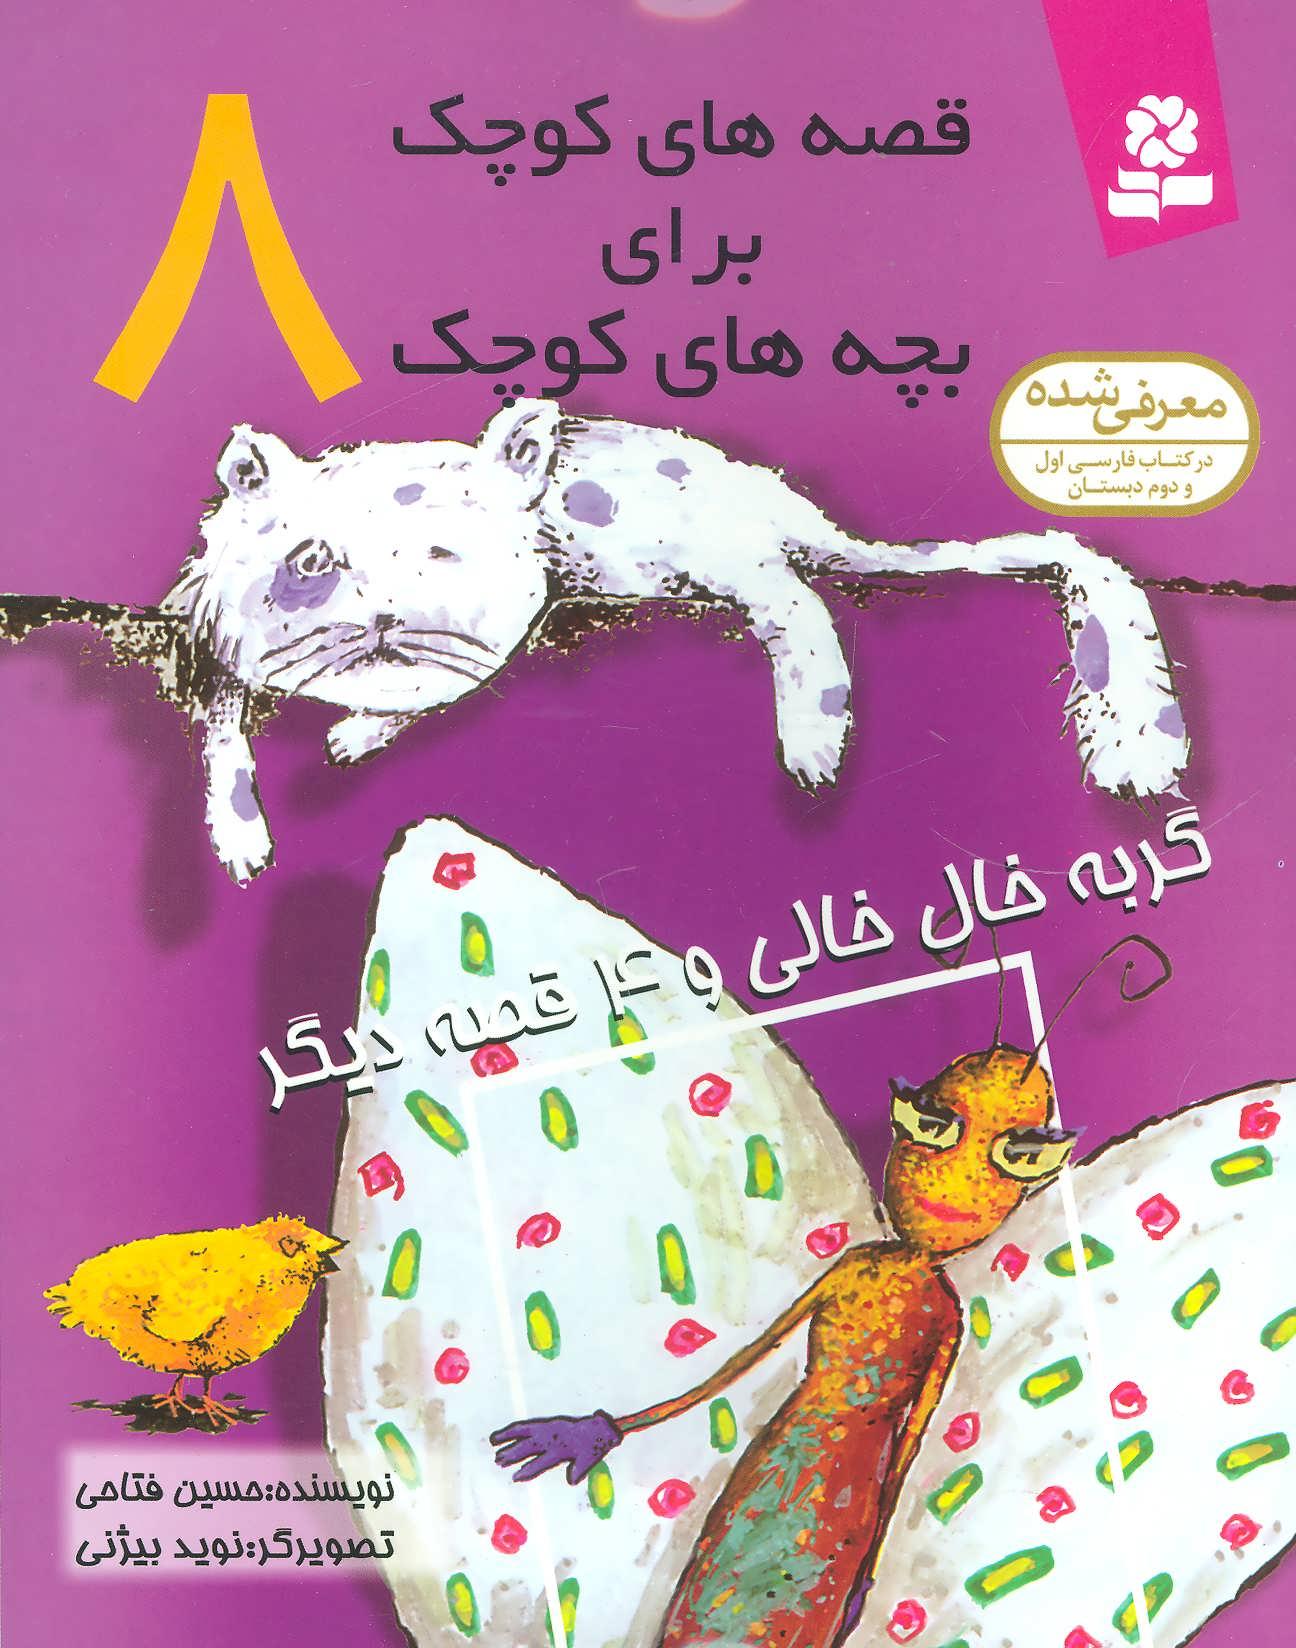 کتاب گربه خالخالی و ۴ قصه دیگر برای کودکان ۷ تا ۱۲ سال…